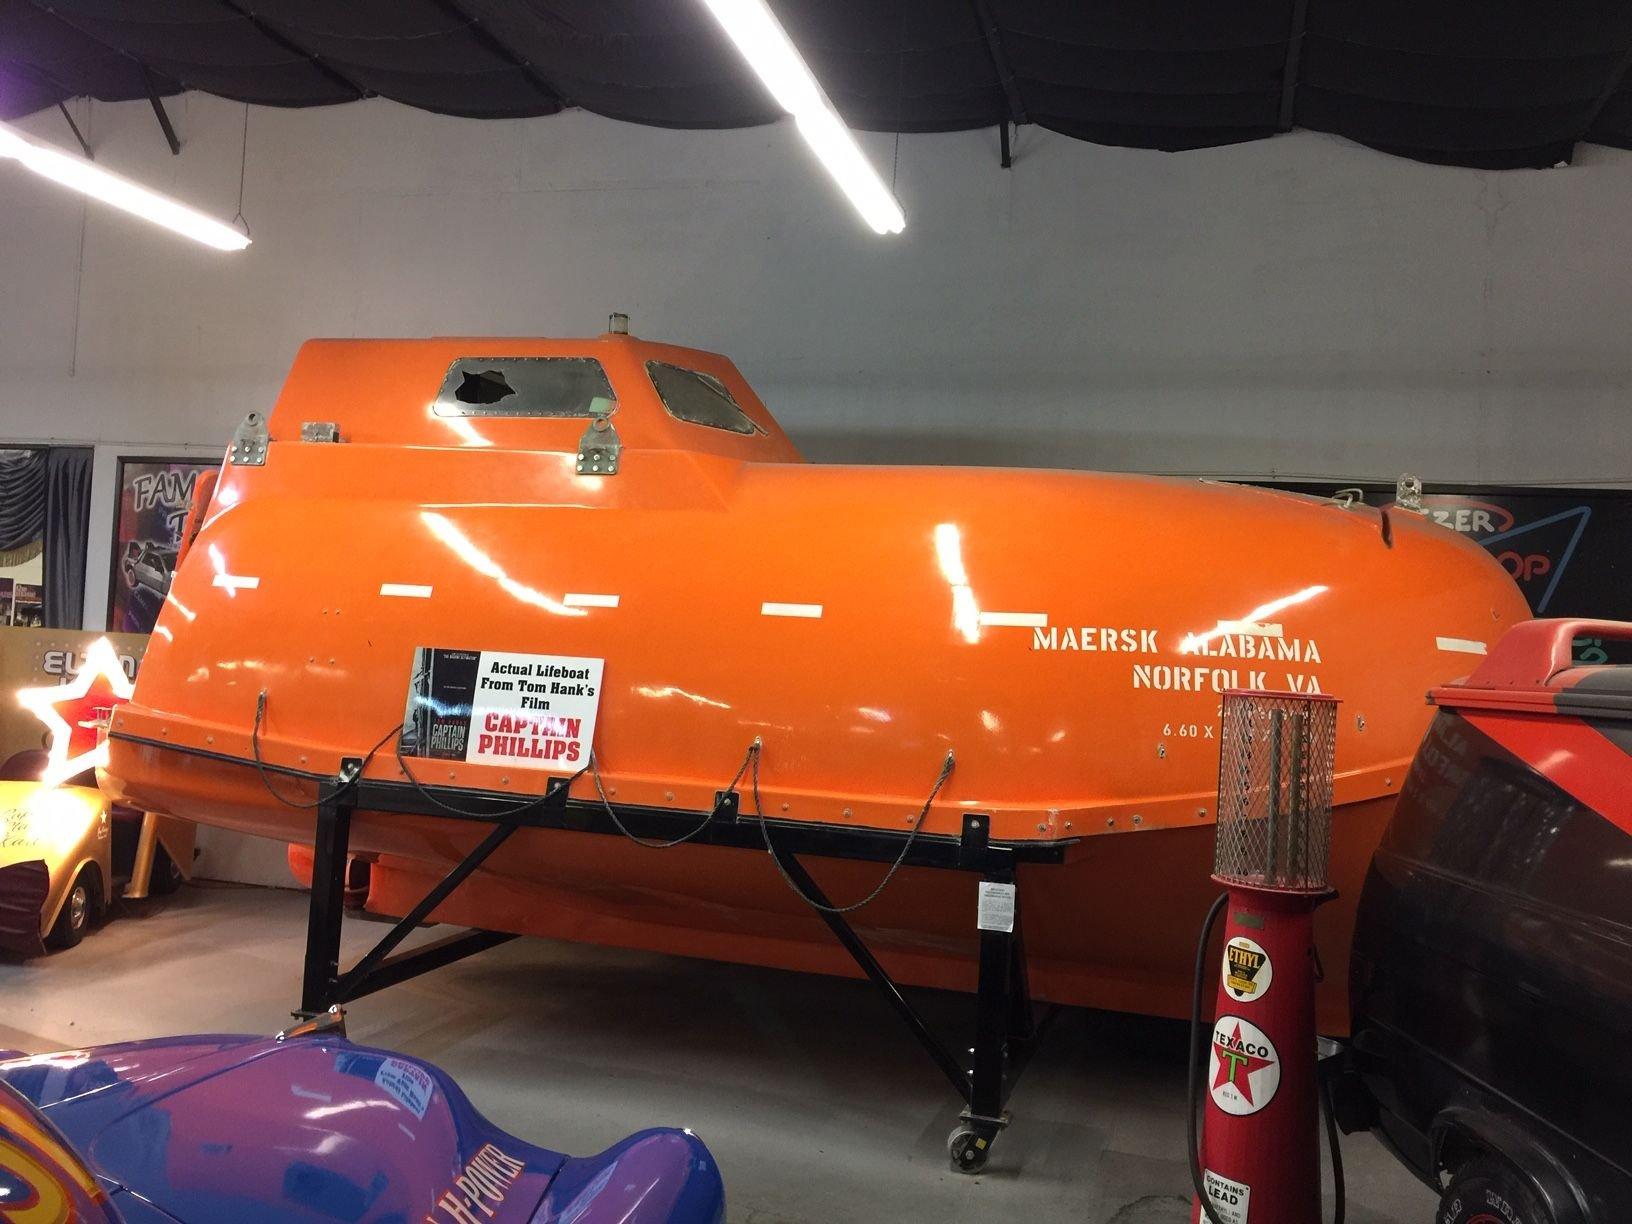 N a tom hanks lifeboat